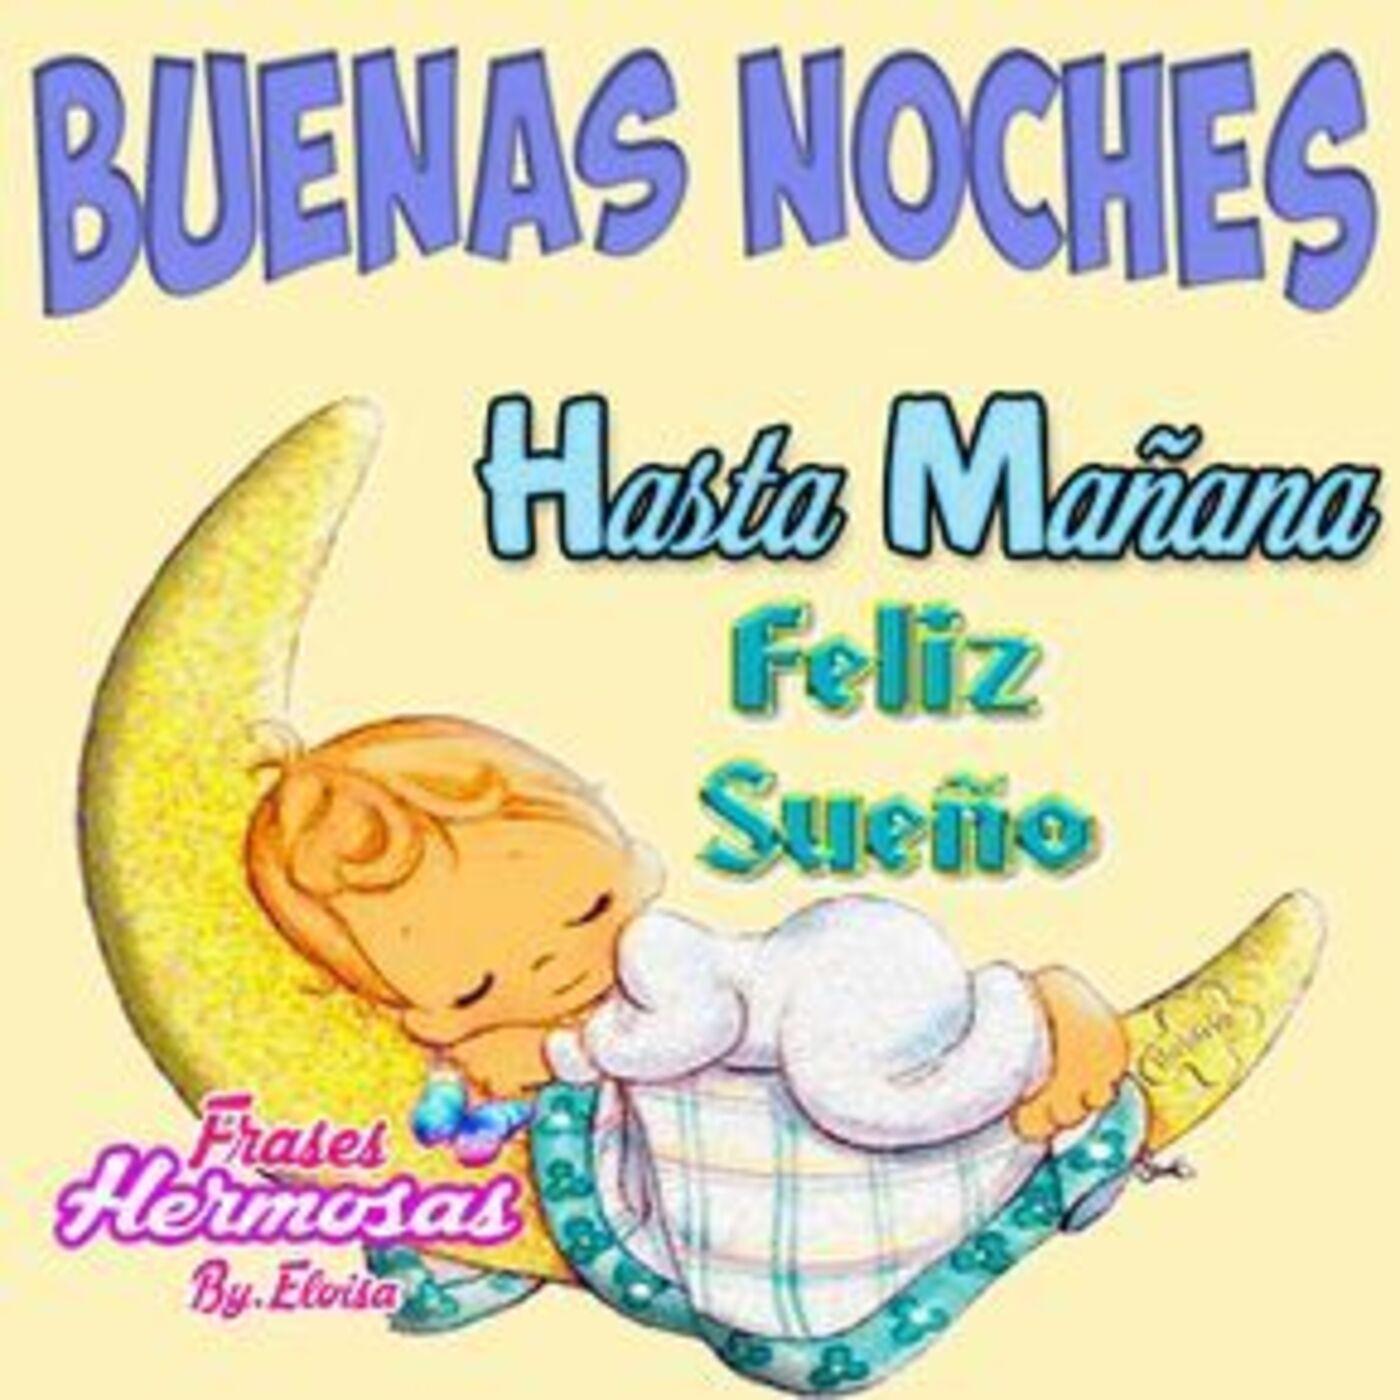 Buenas noches hasta mañana feliz sueño